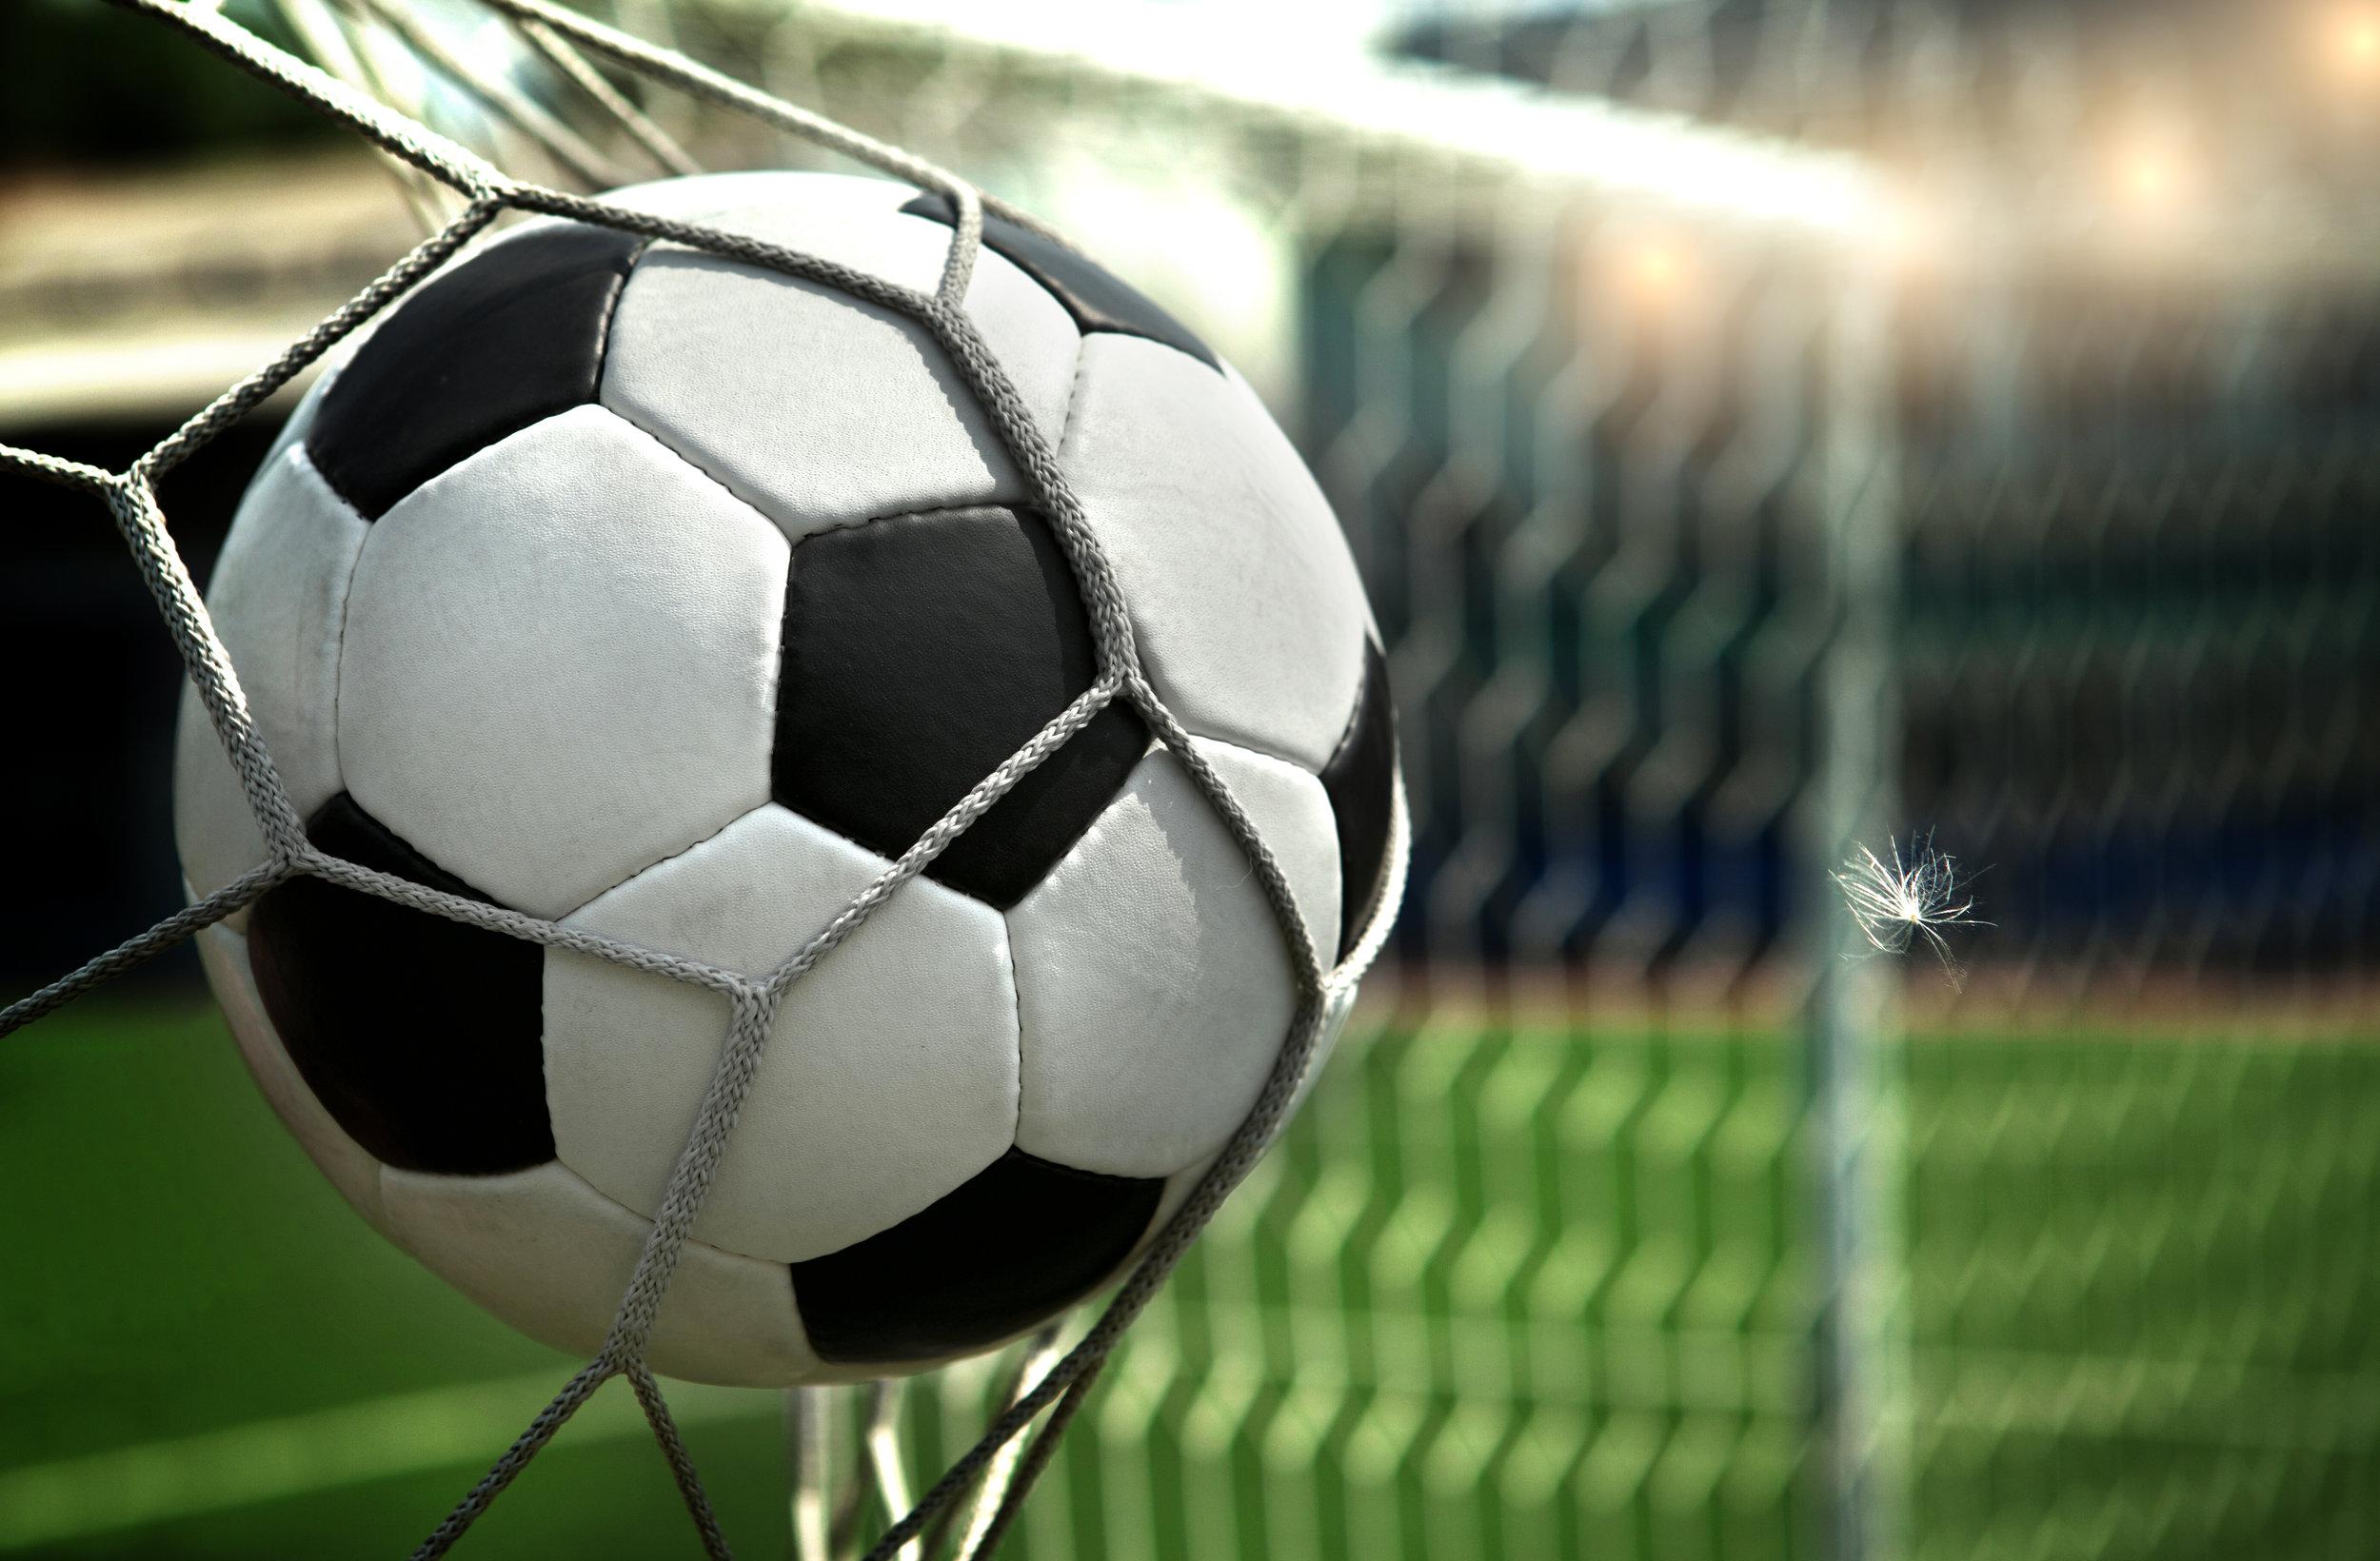 Avvocato_Societa_Commercialista_Athena_diritto_sportivo_000.jpg